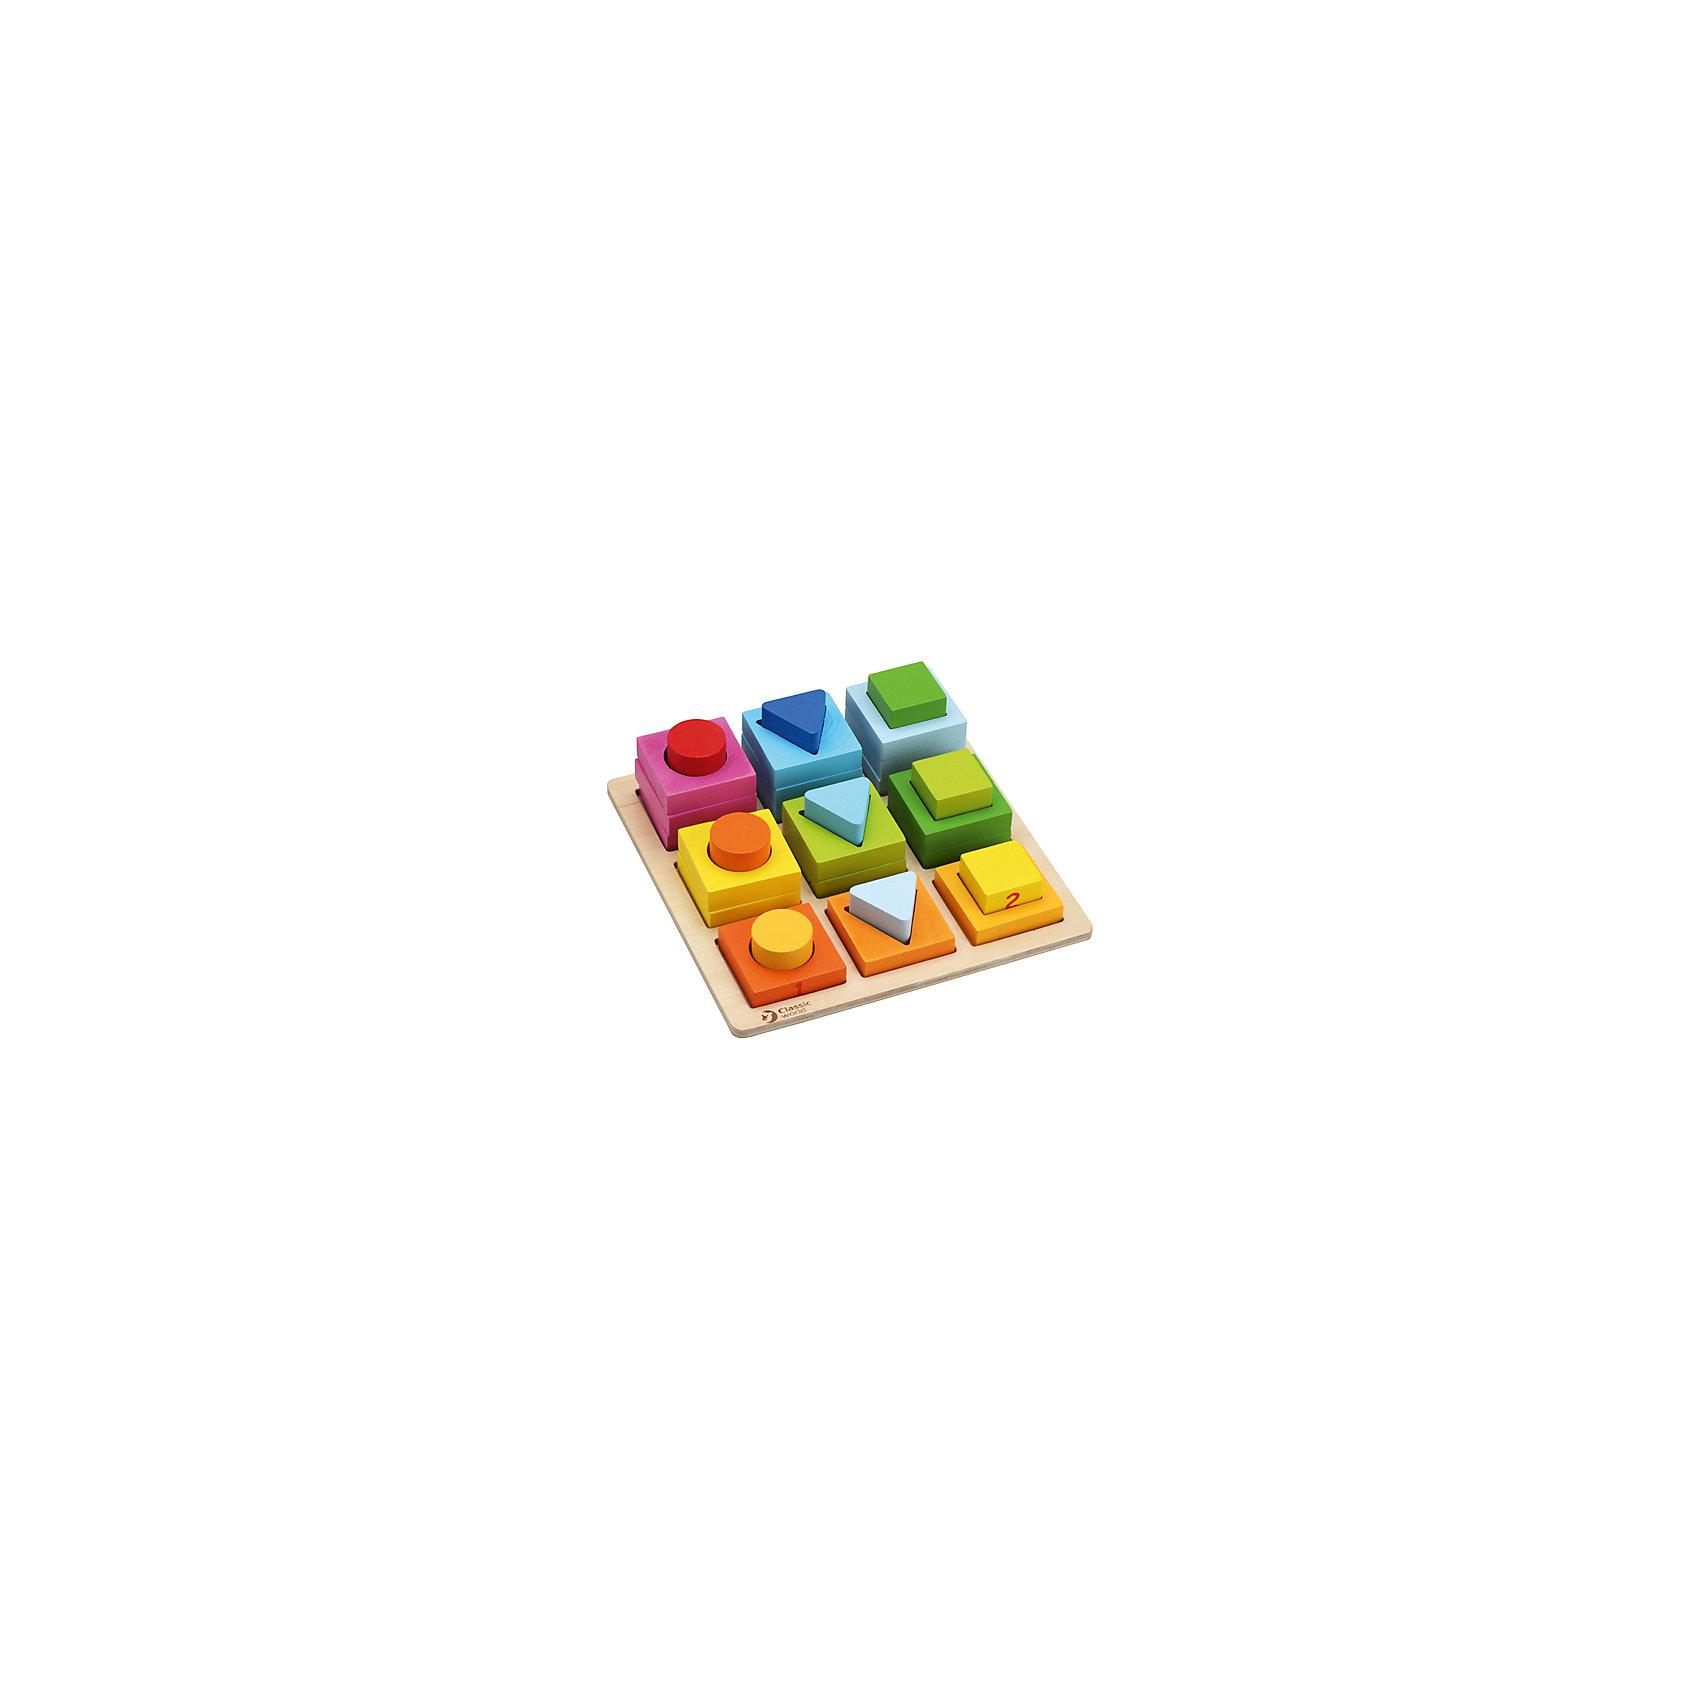 Сортер Геометрические блоки Classic WorldРазвивающие игрушки<br>Характеристики:<br><br>• возраст: от 1 года<br>• количество элементов: 28<br>• размер основы: 22,5х22,5 см.<br>• материал: дерево<br>• размер упаковки: 23,5х23,5х5,5 см.<br>• вес: 750 гр.<br><br>Развивающая игрушка - сортер «Геометрические блоки» познакомит ребенка с понятиями формы, цвета и размера предметов, научит основам логики, сравнительного анализа и математики.<br><br>Приятные на ощупь формы и фигурки изготовлены из качественно обработанного чайного дерева, имеют идеально гладкую текстуру и окрашены безопасными красками.<br><br>Сортер Геометрические блоки Classic World можно купить в нашем интернет-магазине.<br><br>Ширина мм: 235<br>Глубина мм: 235<br>Высота мм: 55<br>Вес г: 750<br>Возраст от месяцев: 12<br>Возраст до месяцев: 2147483647<br>Пол: Унисекс<br>Возраст: Детский<br>SKU: 7044535